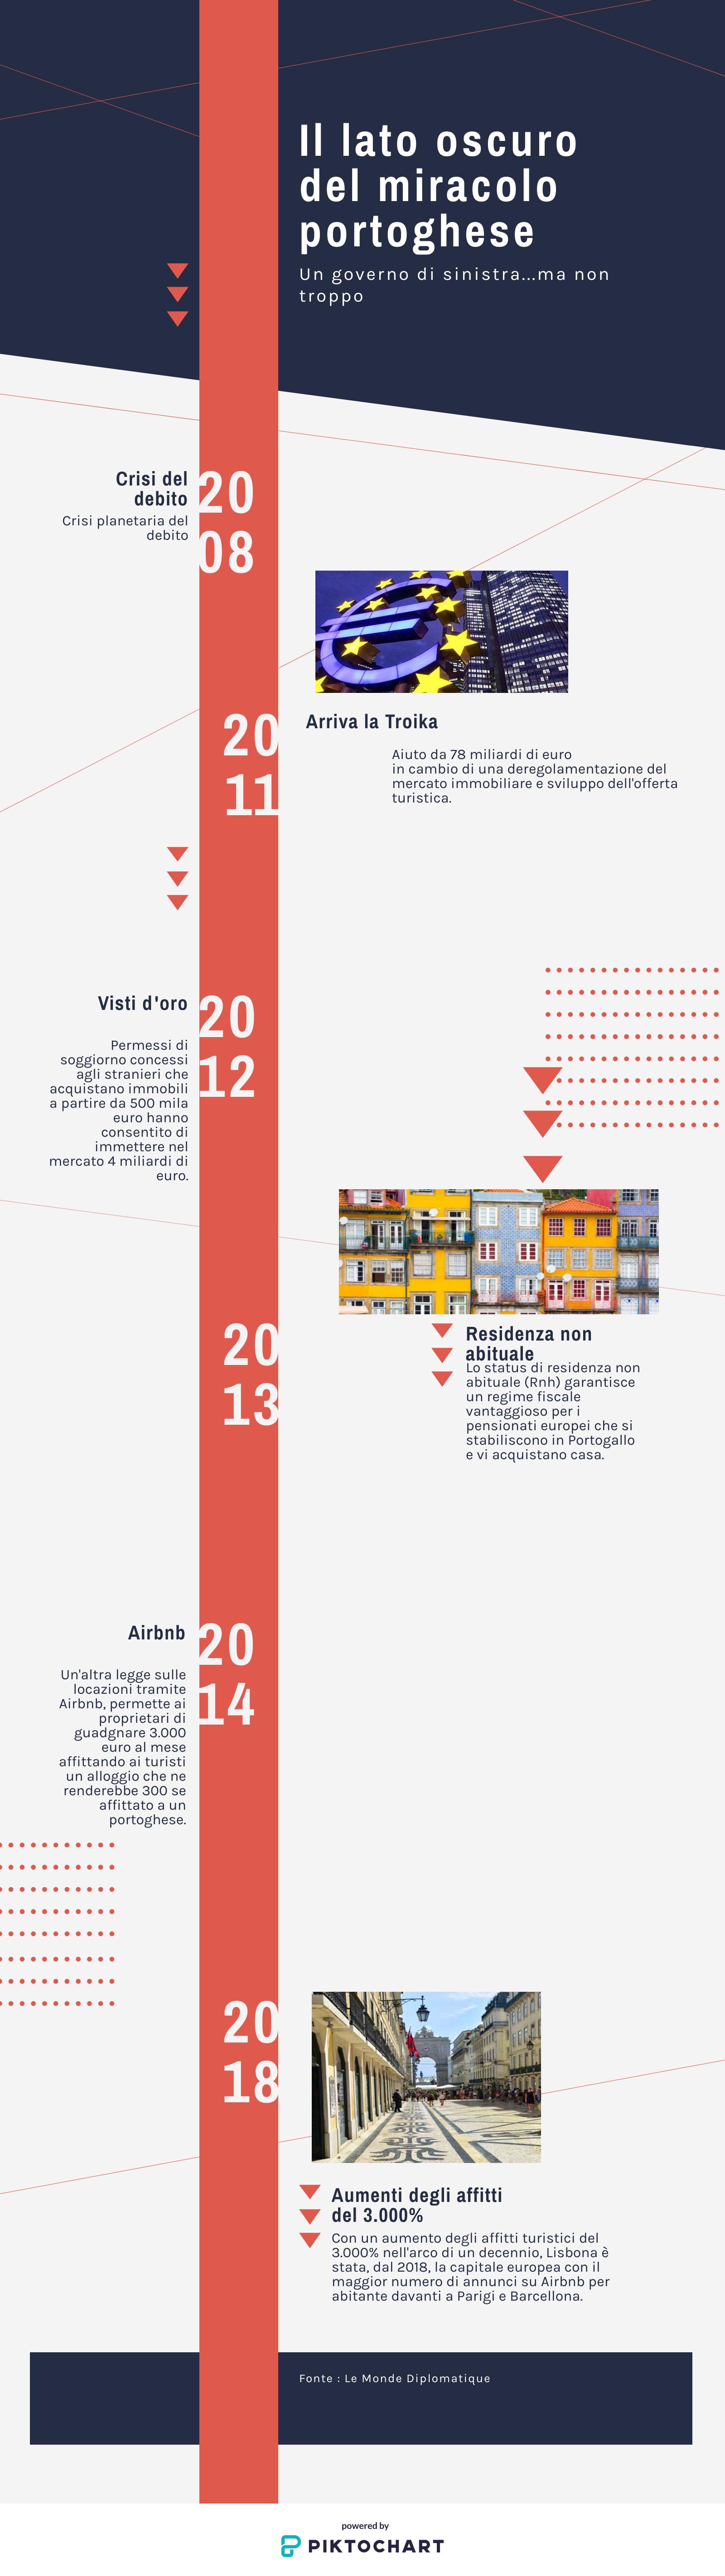 portogallo crisi immobiliare